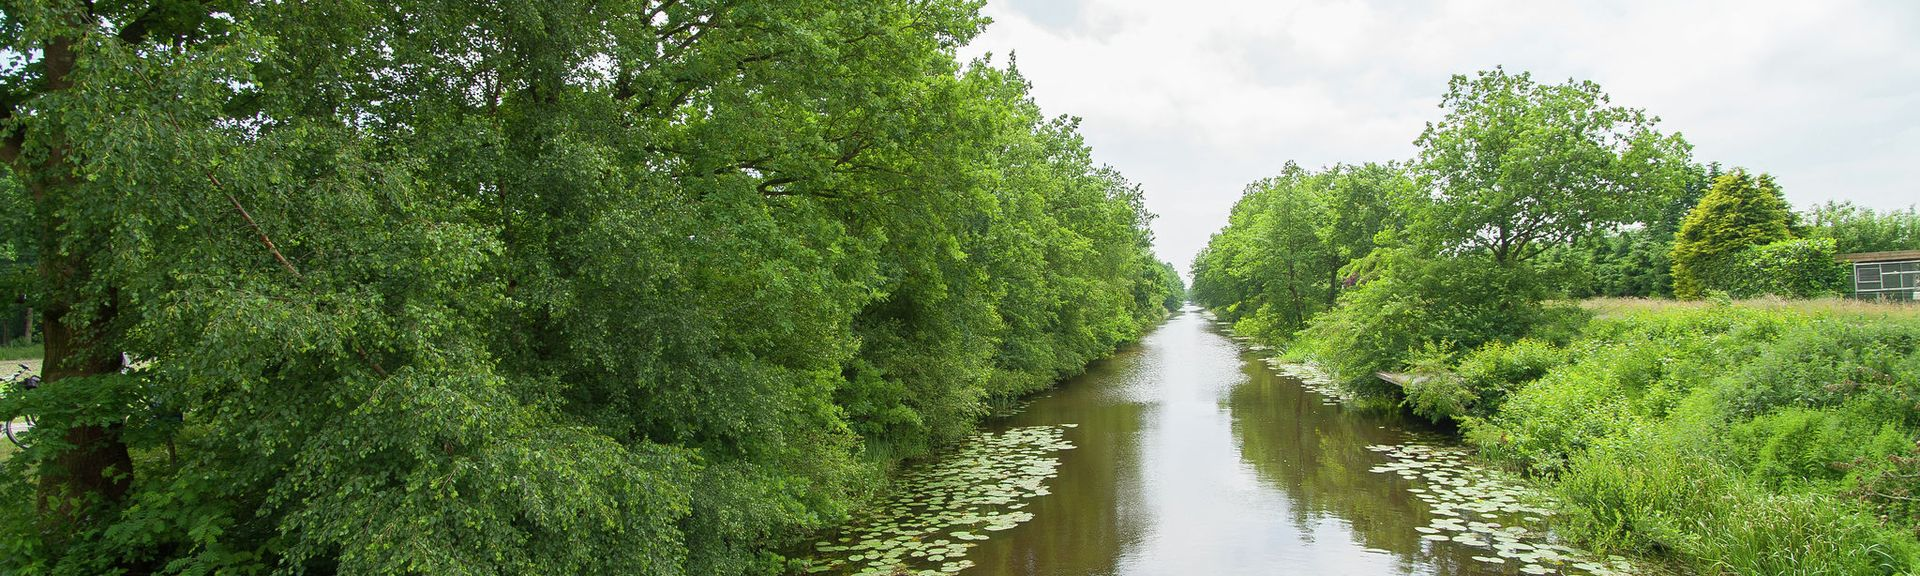 Oosterhesselen, Netherlands